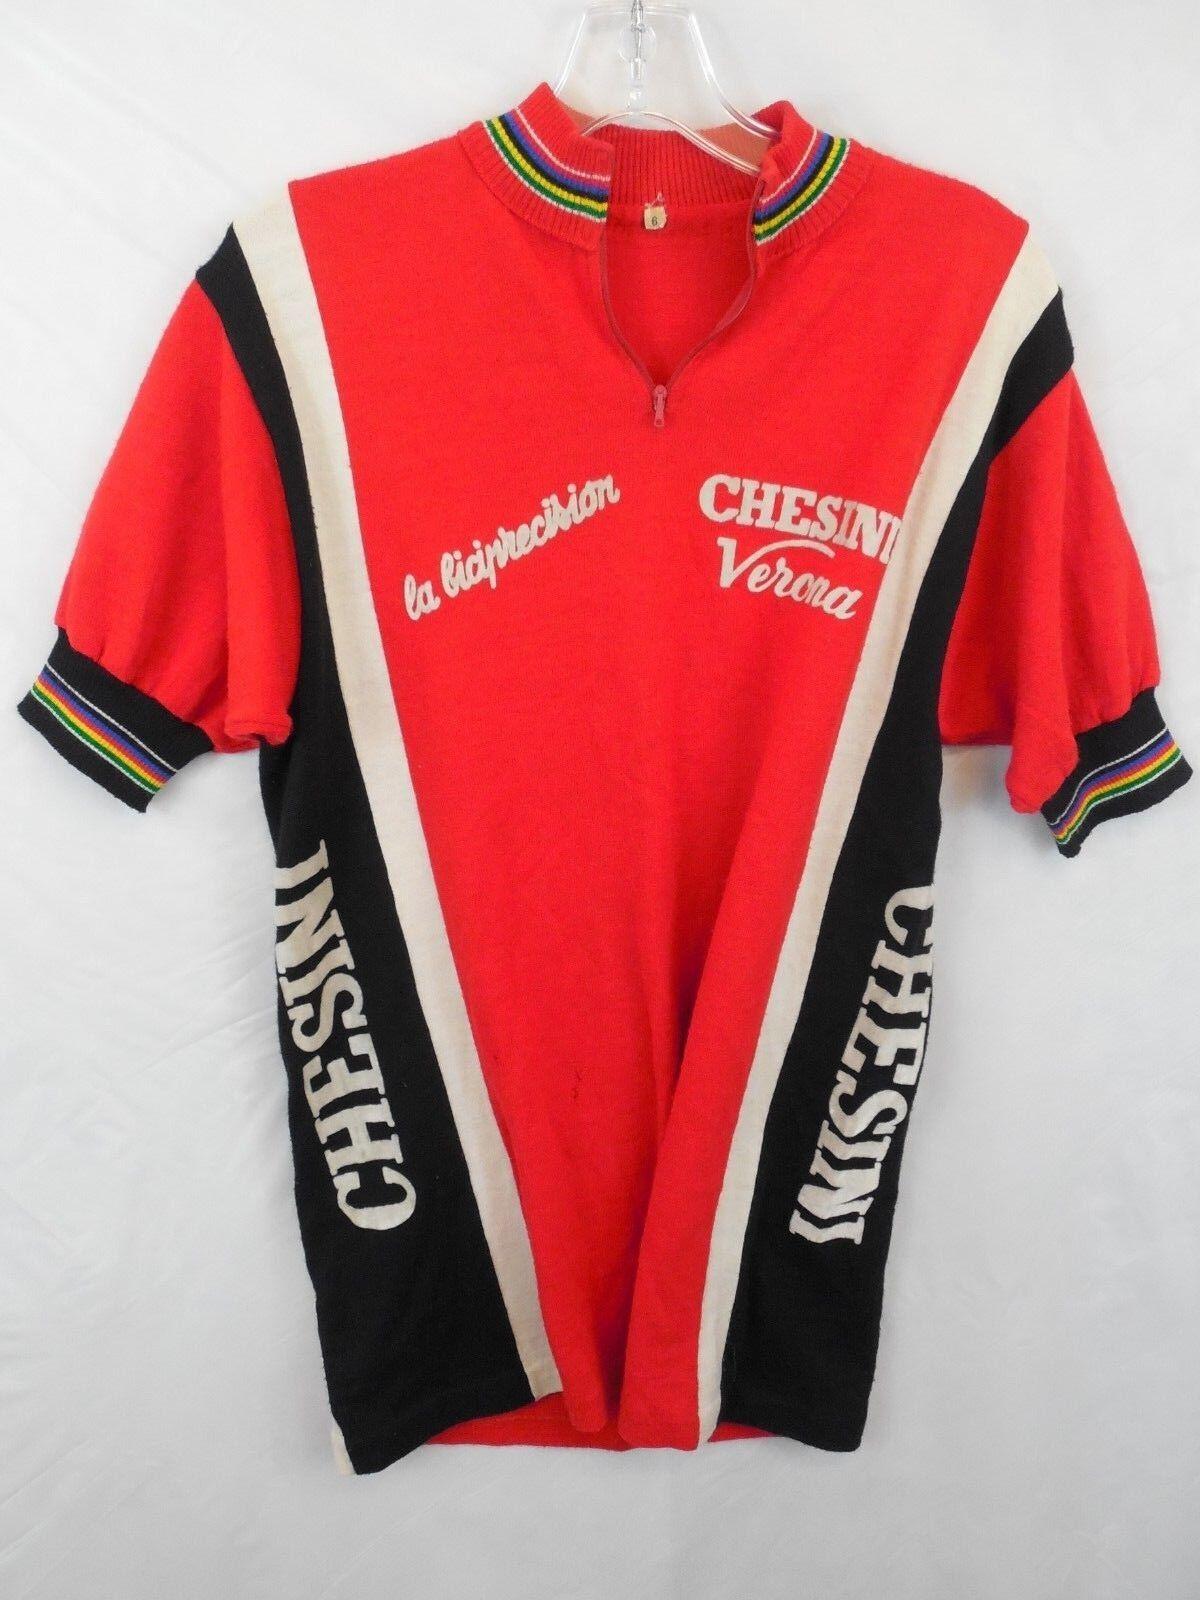 De Colección Chesini Verona Ciclismo Camiseta Maillot Cycliste  Eroïca Sz 6 CICLI  las mejores marcas venden barato